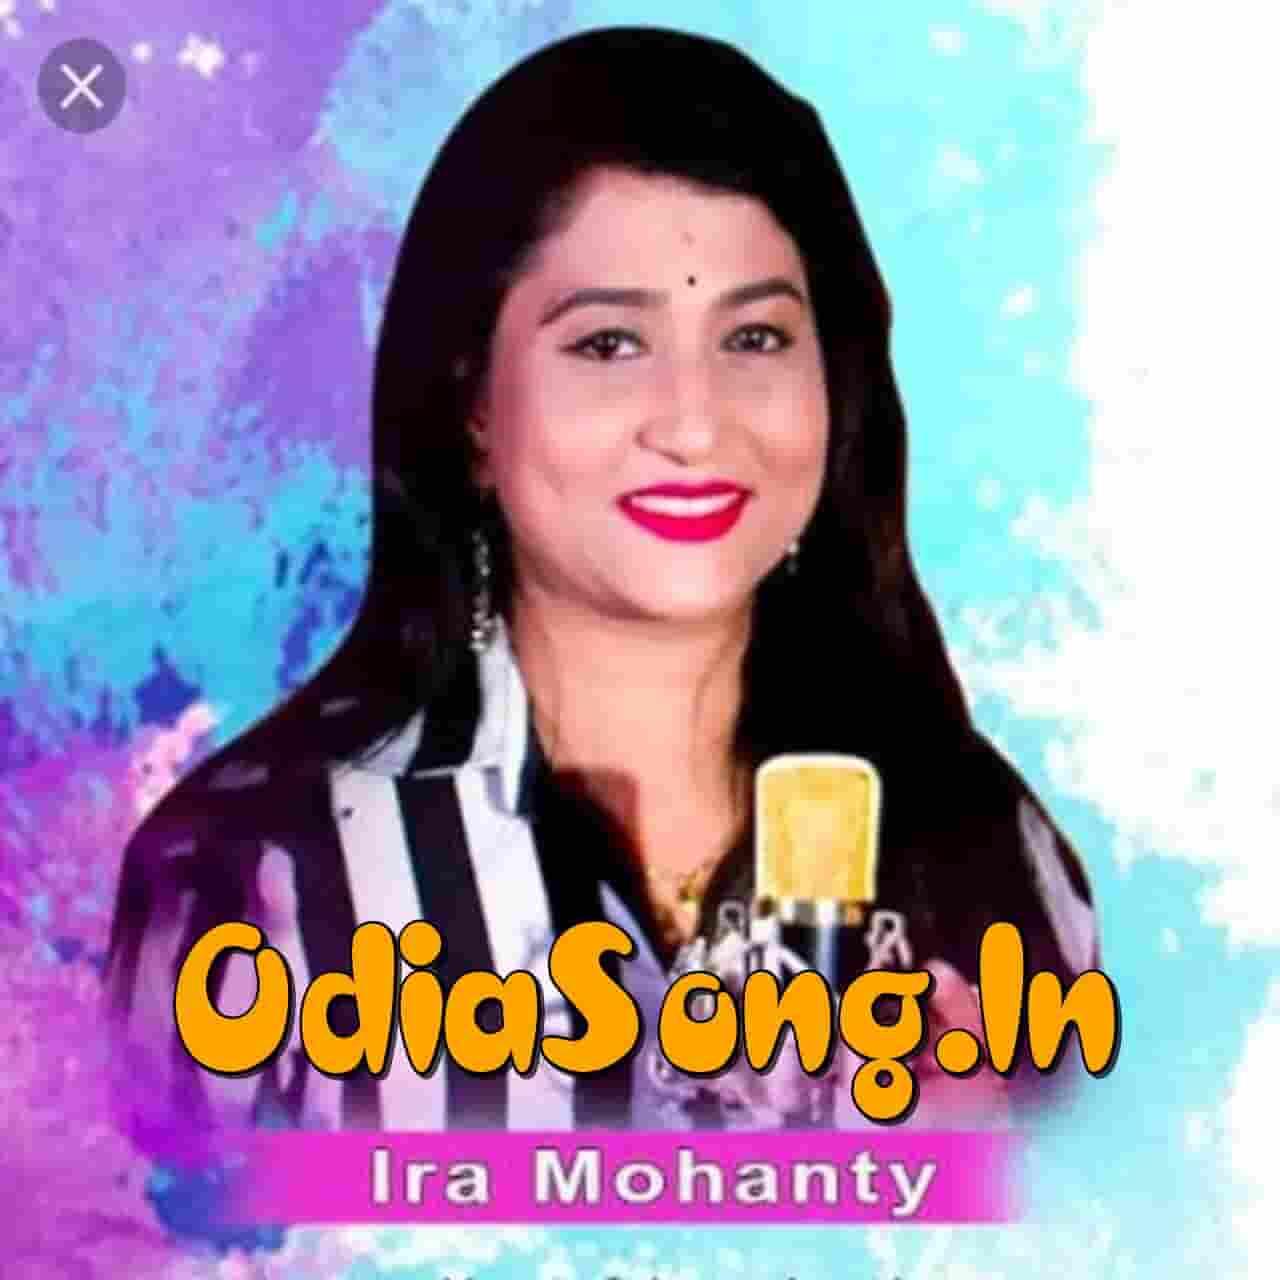 Nabu Jadi Ne (Ira Mohanty)